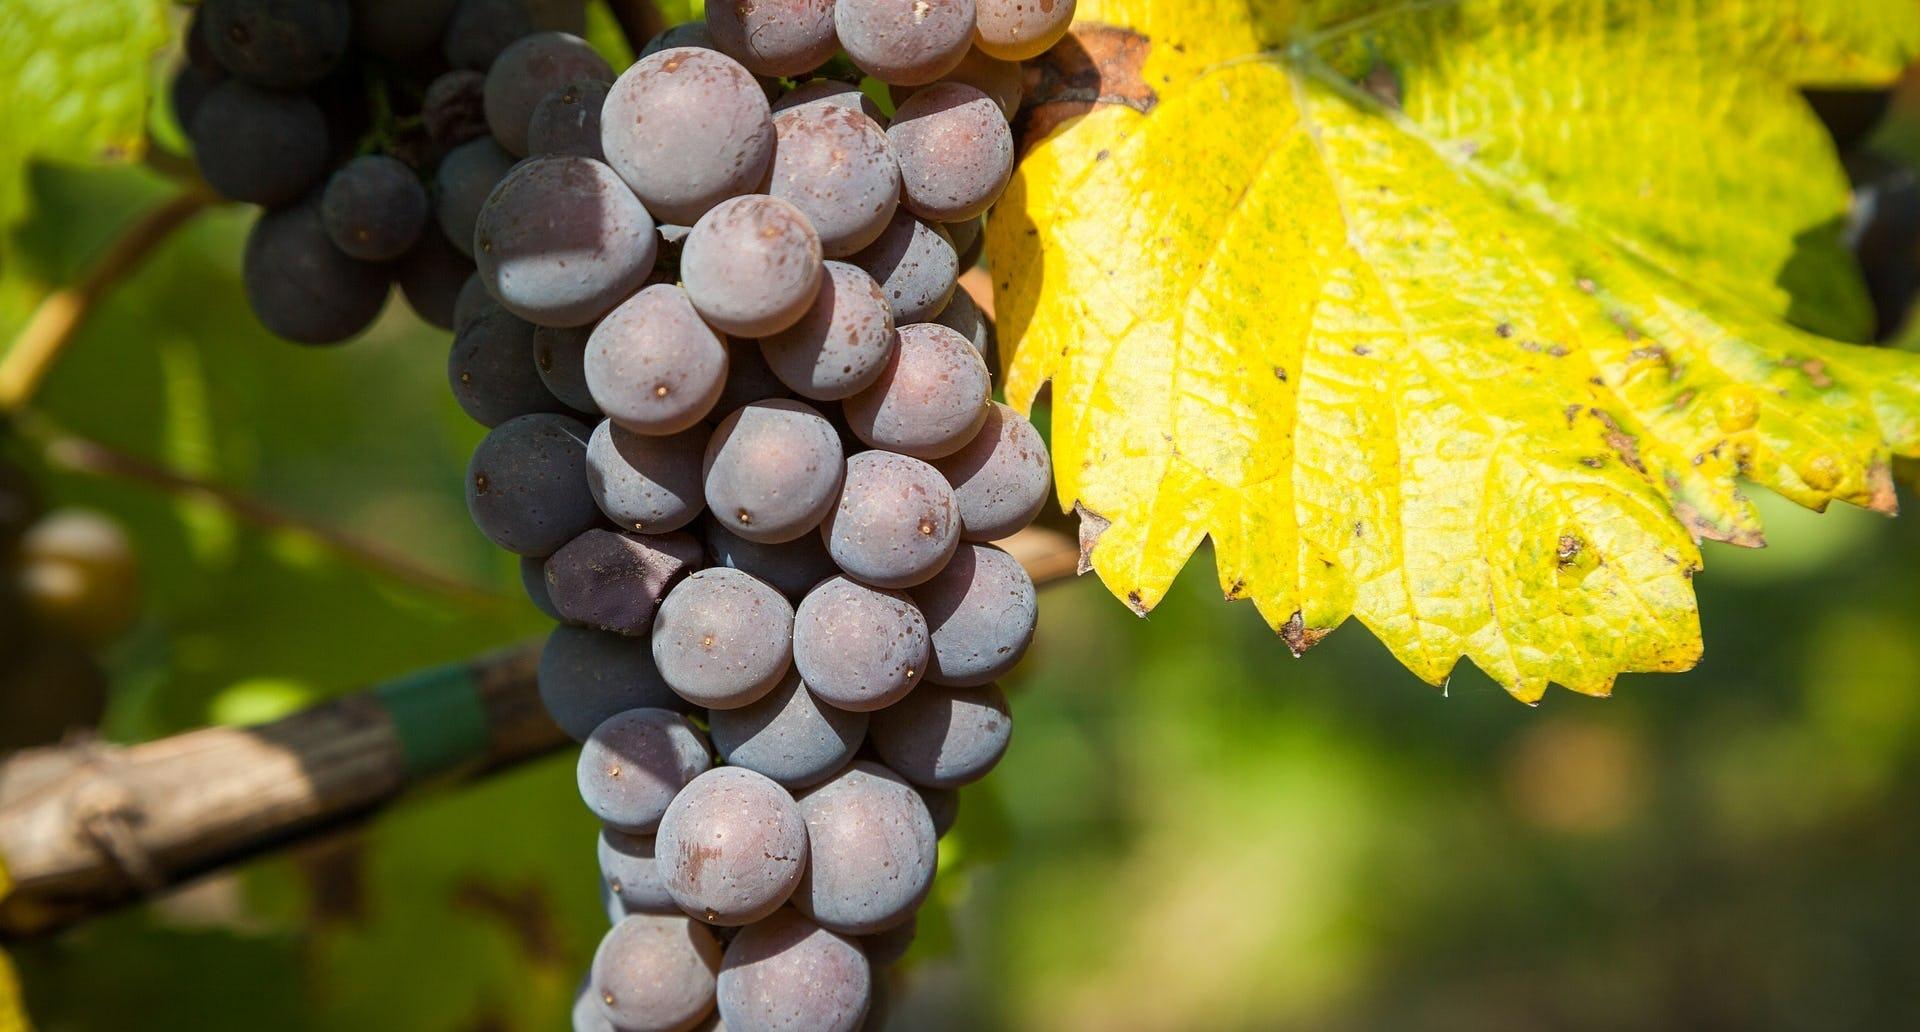 Weinreise Suedtirol Ramsauer Carreisen